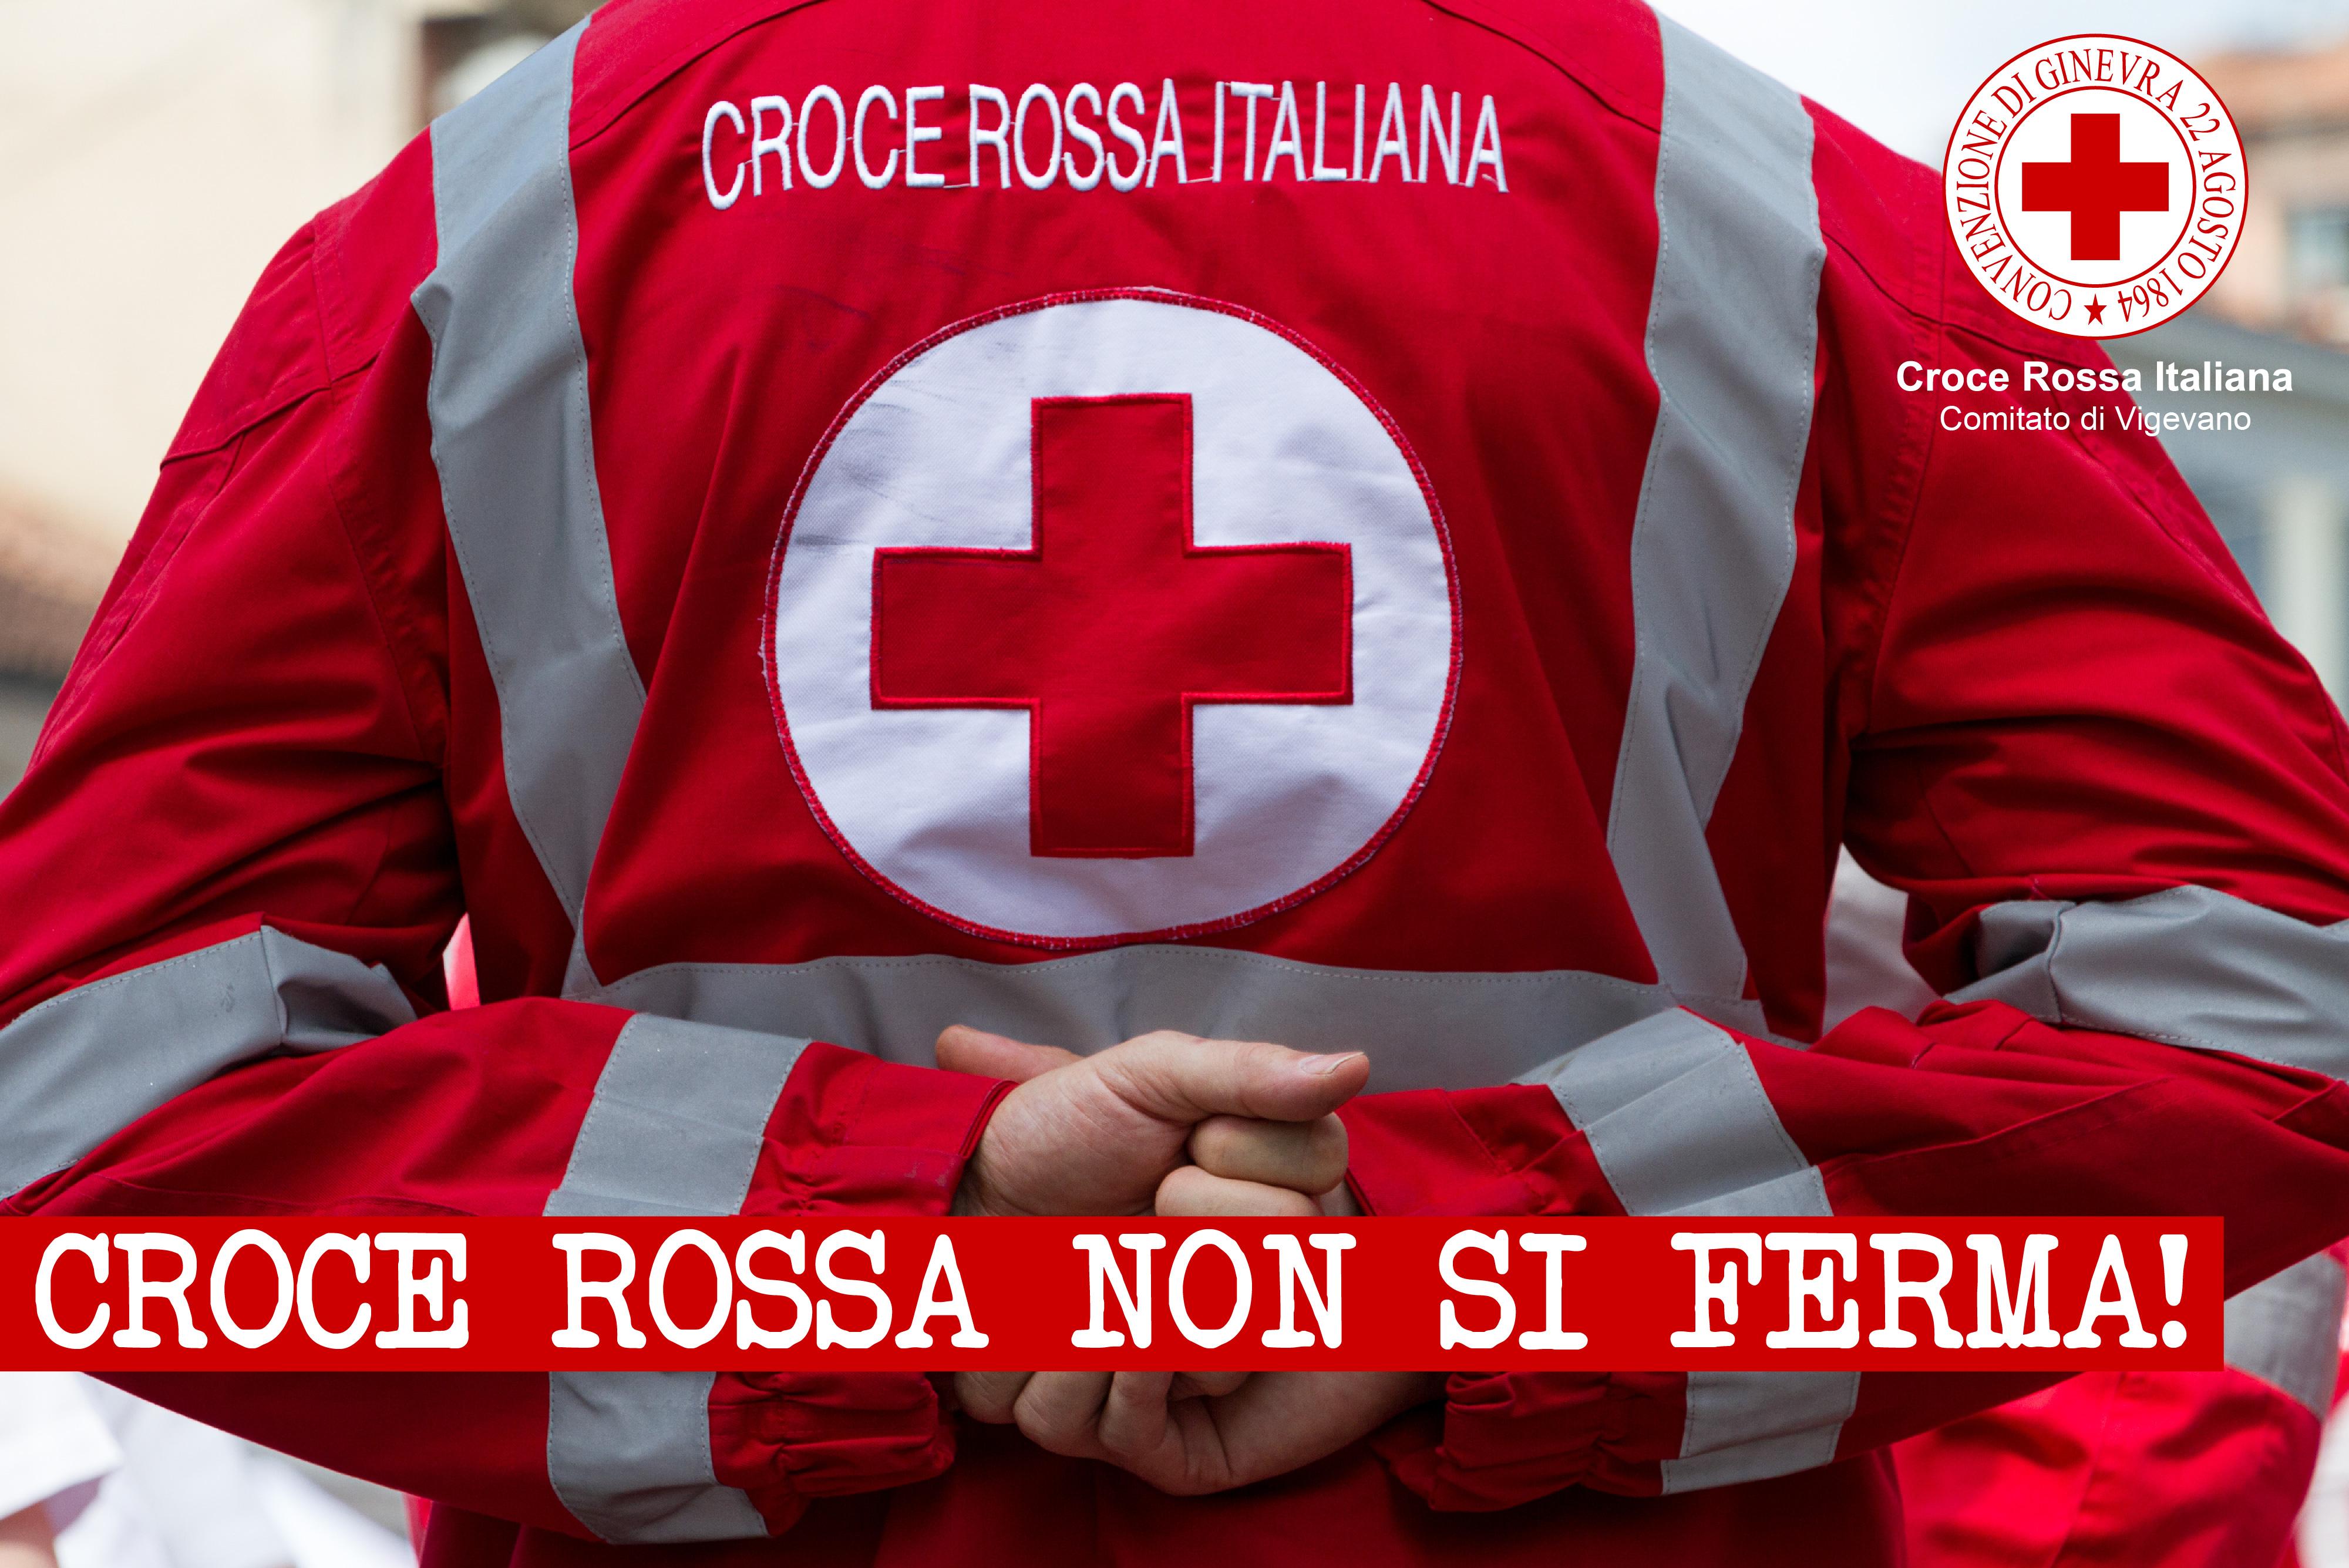 Croce Rossa Non Si Ferma